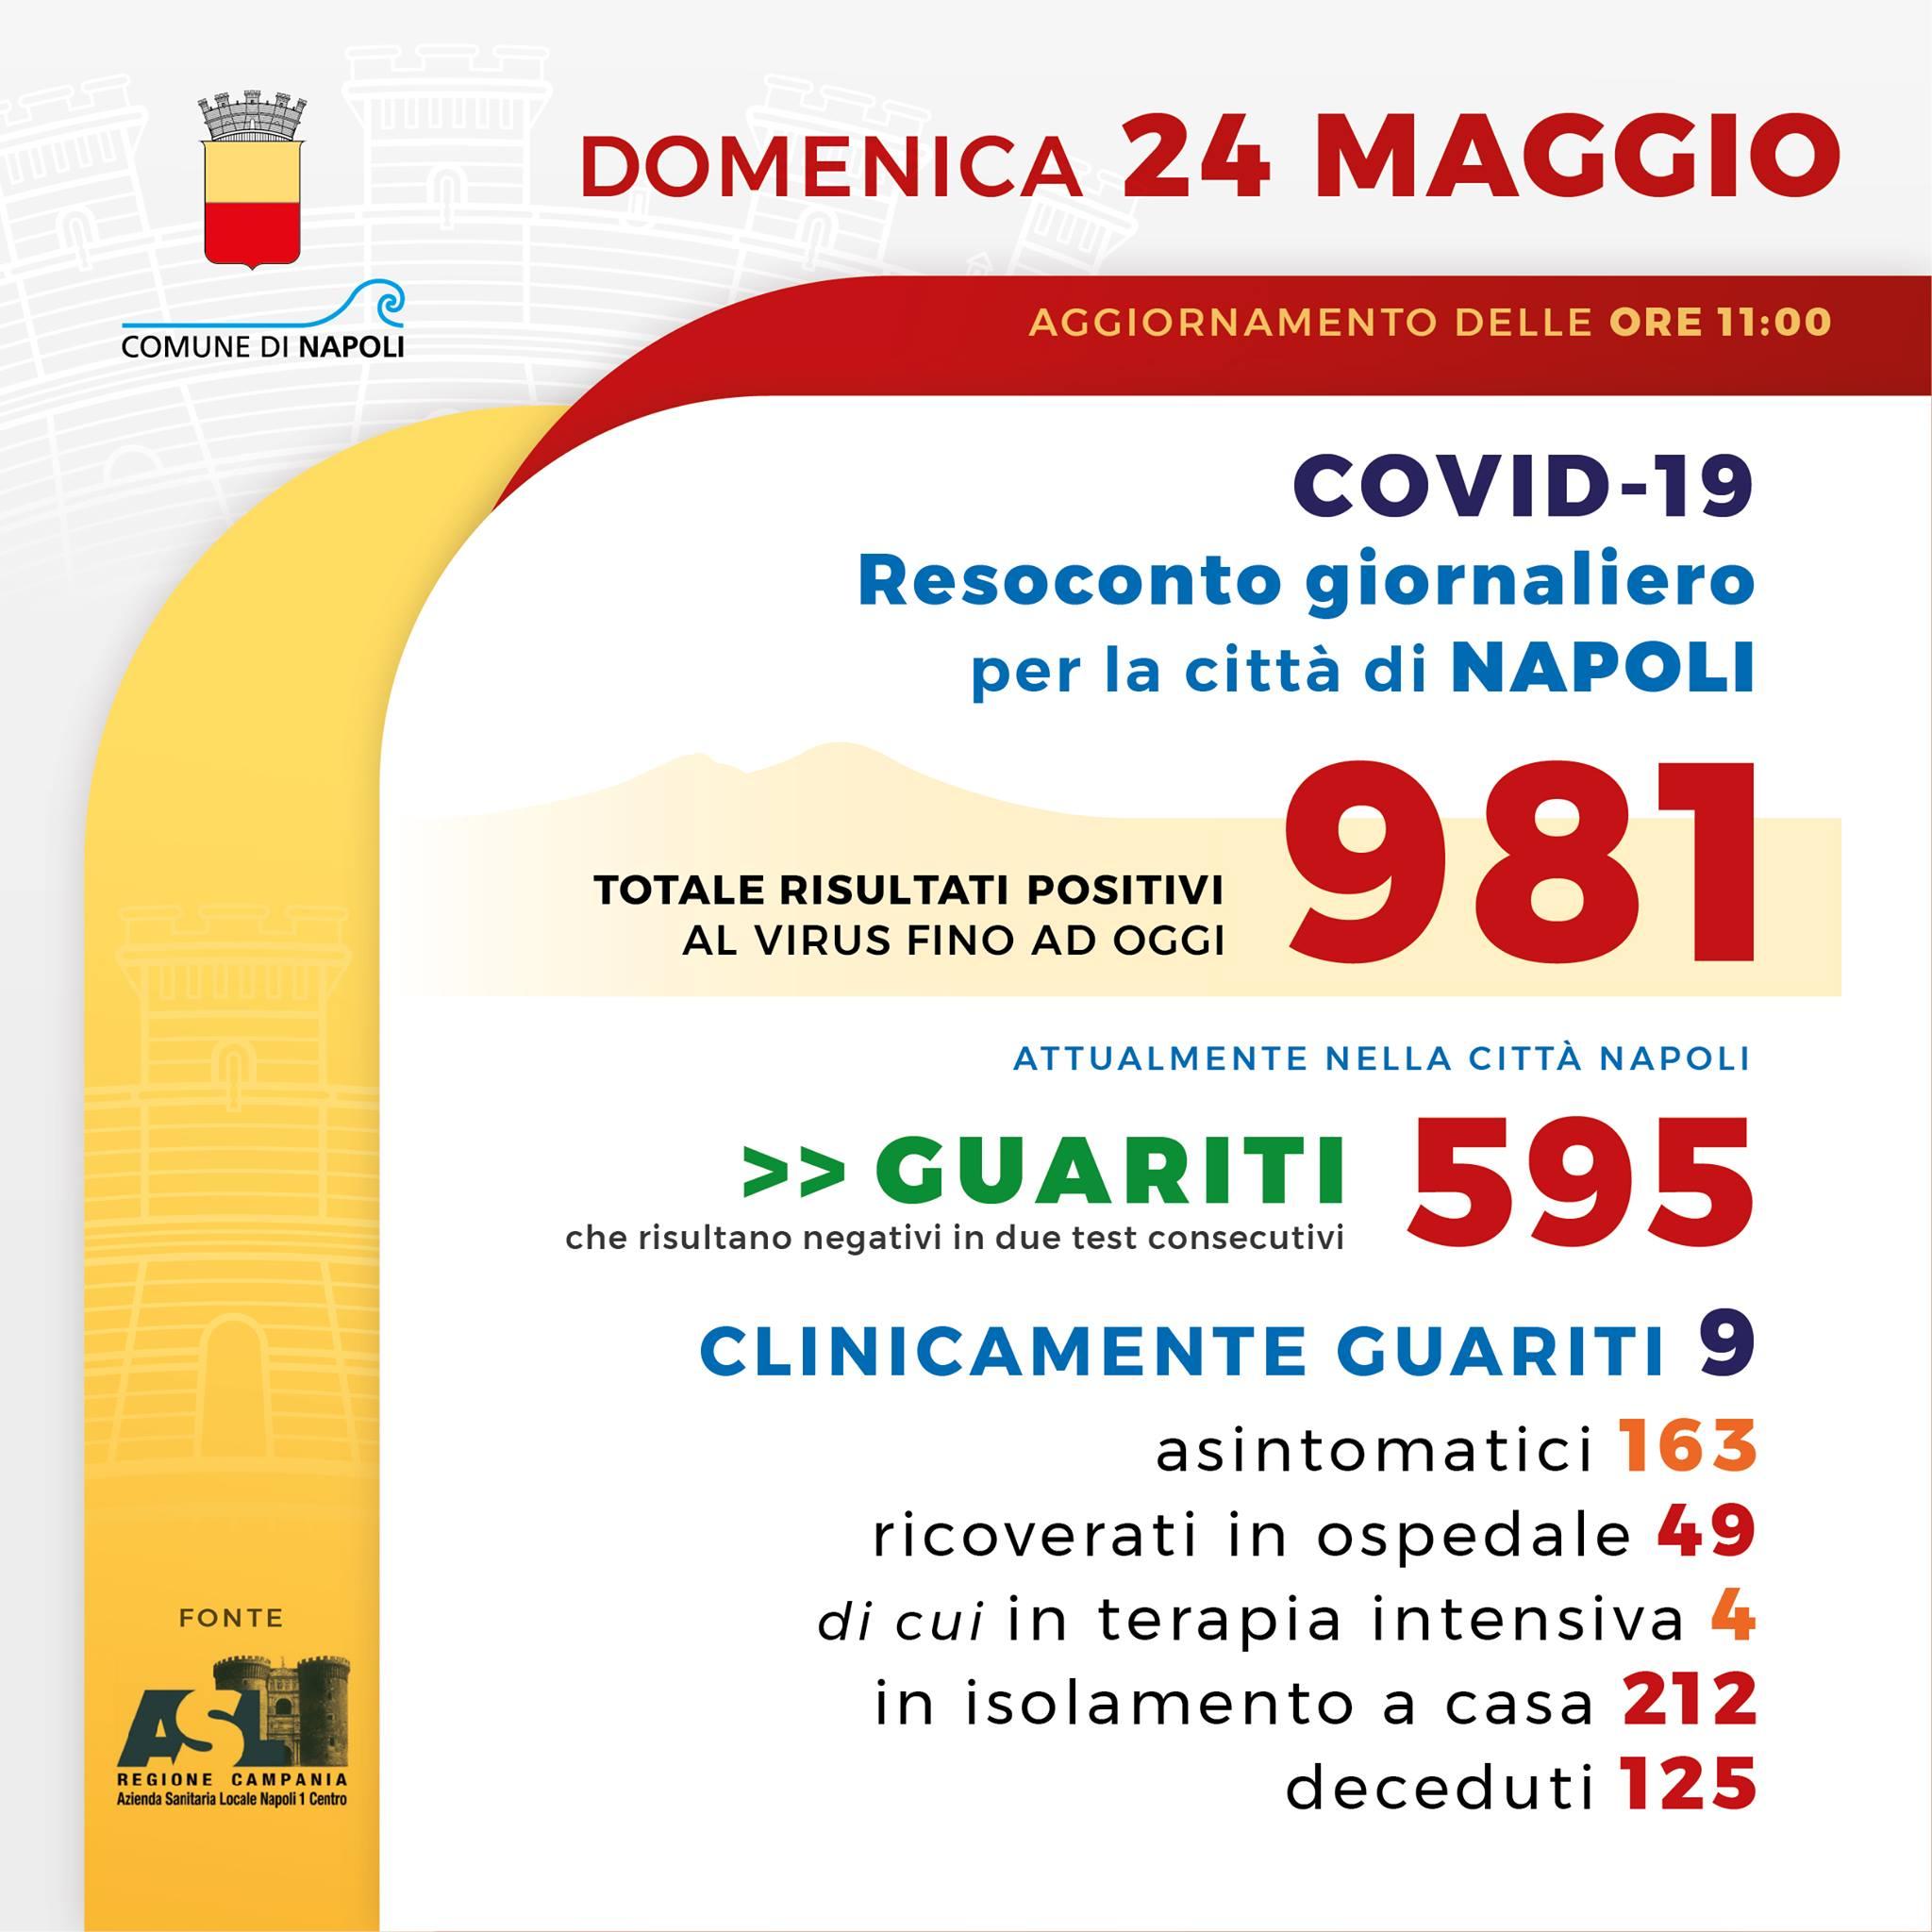 Coronavirus, dati aggiornati, 24 maggio, della città di Napoli